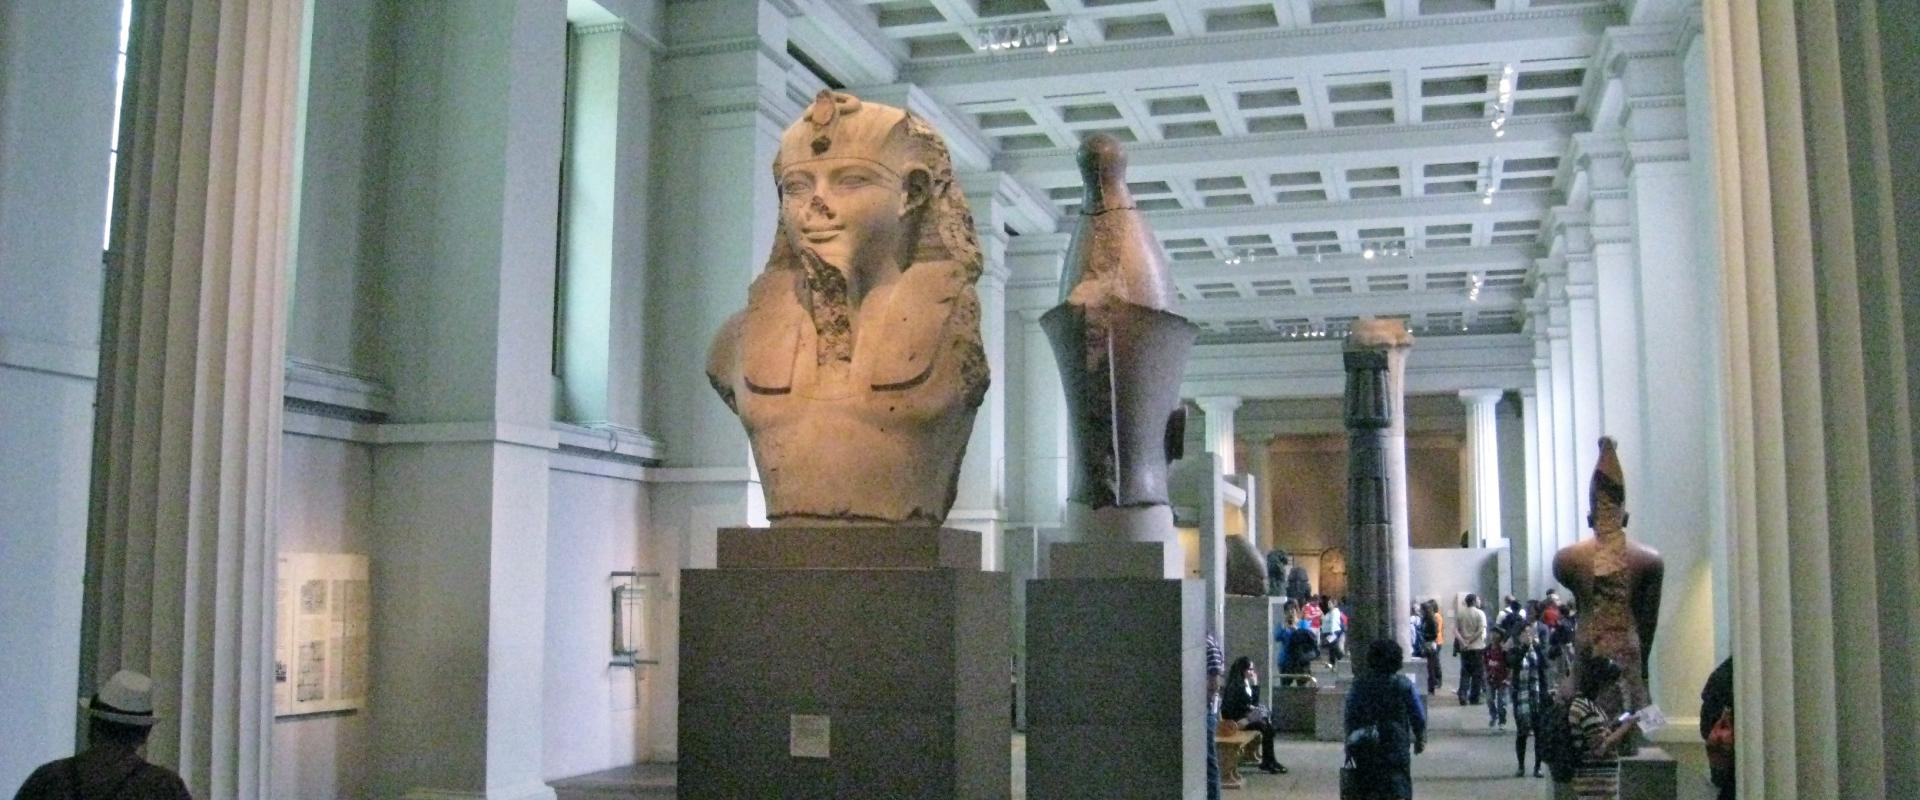 Les attractions et les musées... pas le temps de s'ennuyer!!!